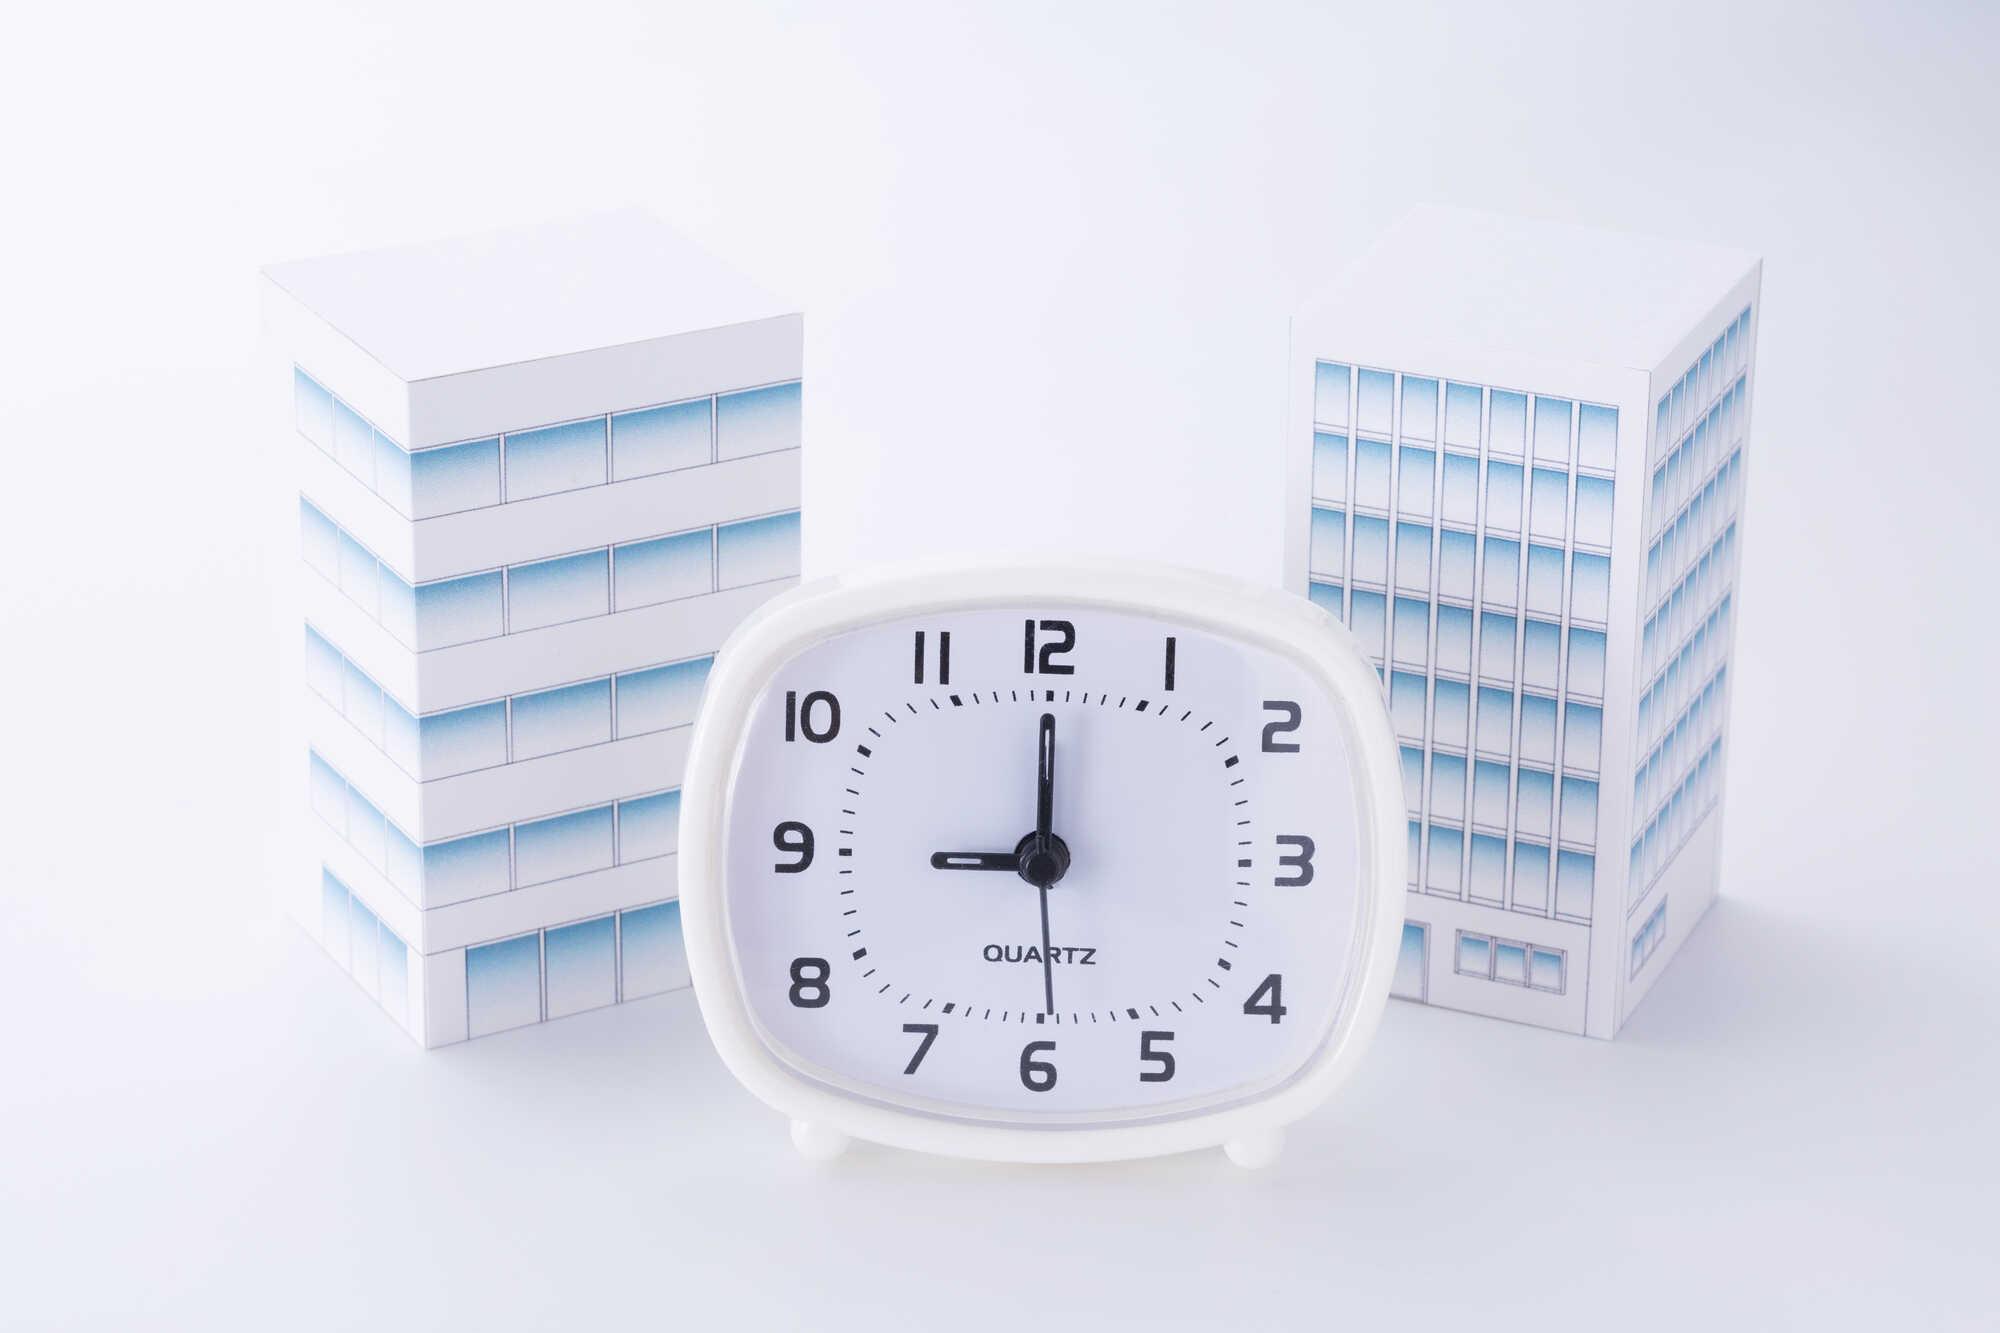 会社でフレックスタイム制を導入するポイント 就業時間と就業規則